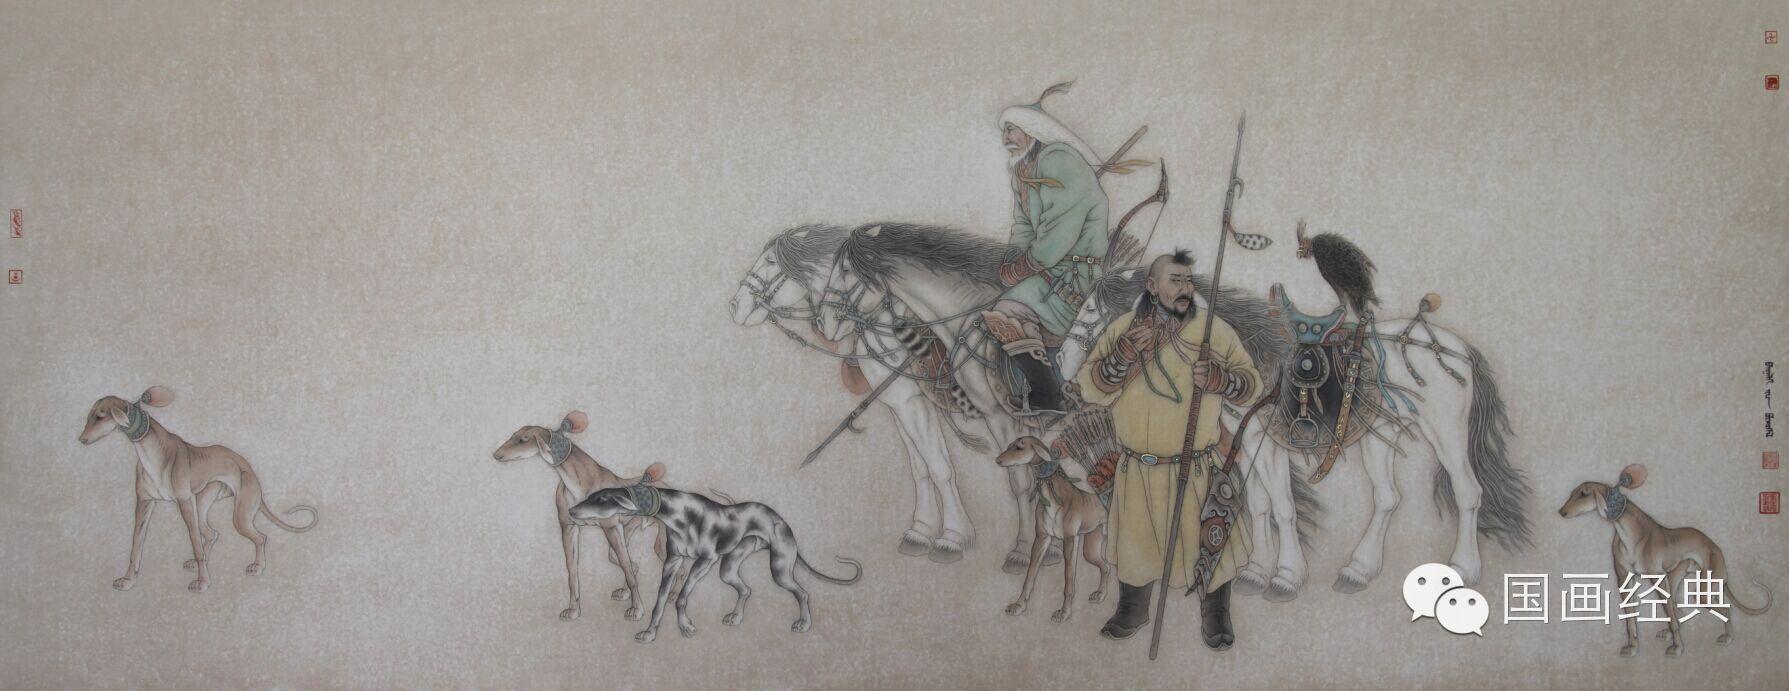 蒙古族著名画家白嘎力欣赏,大饱眼福 第12张